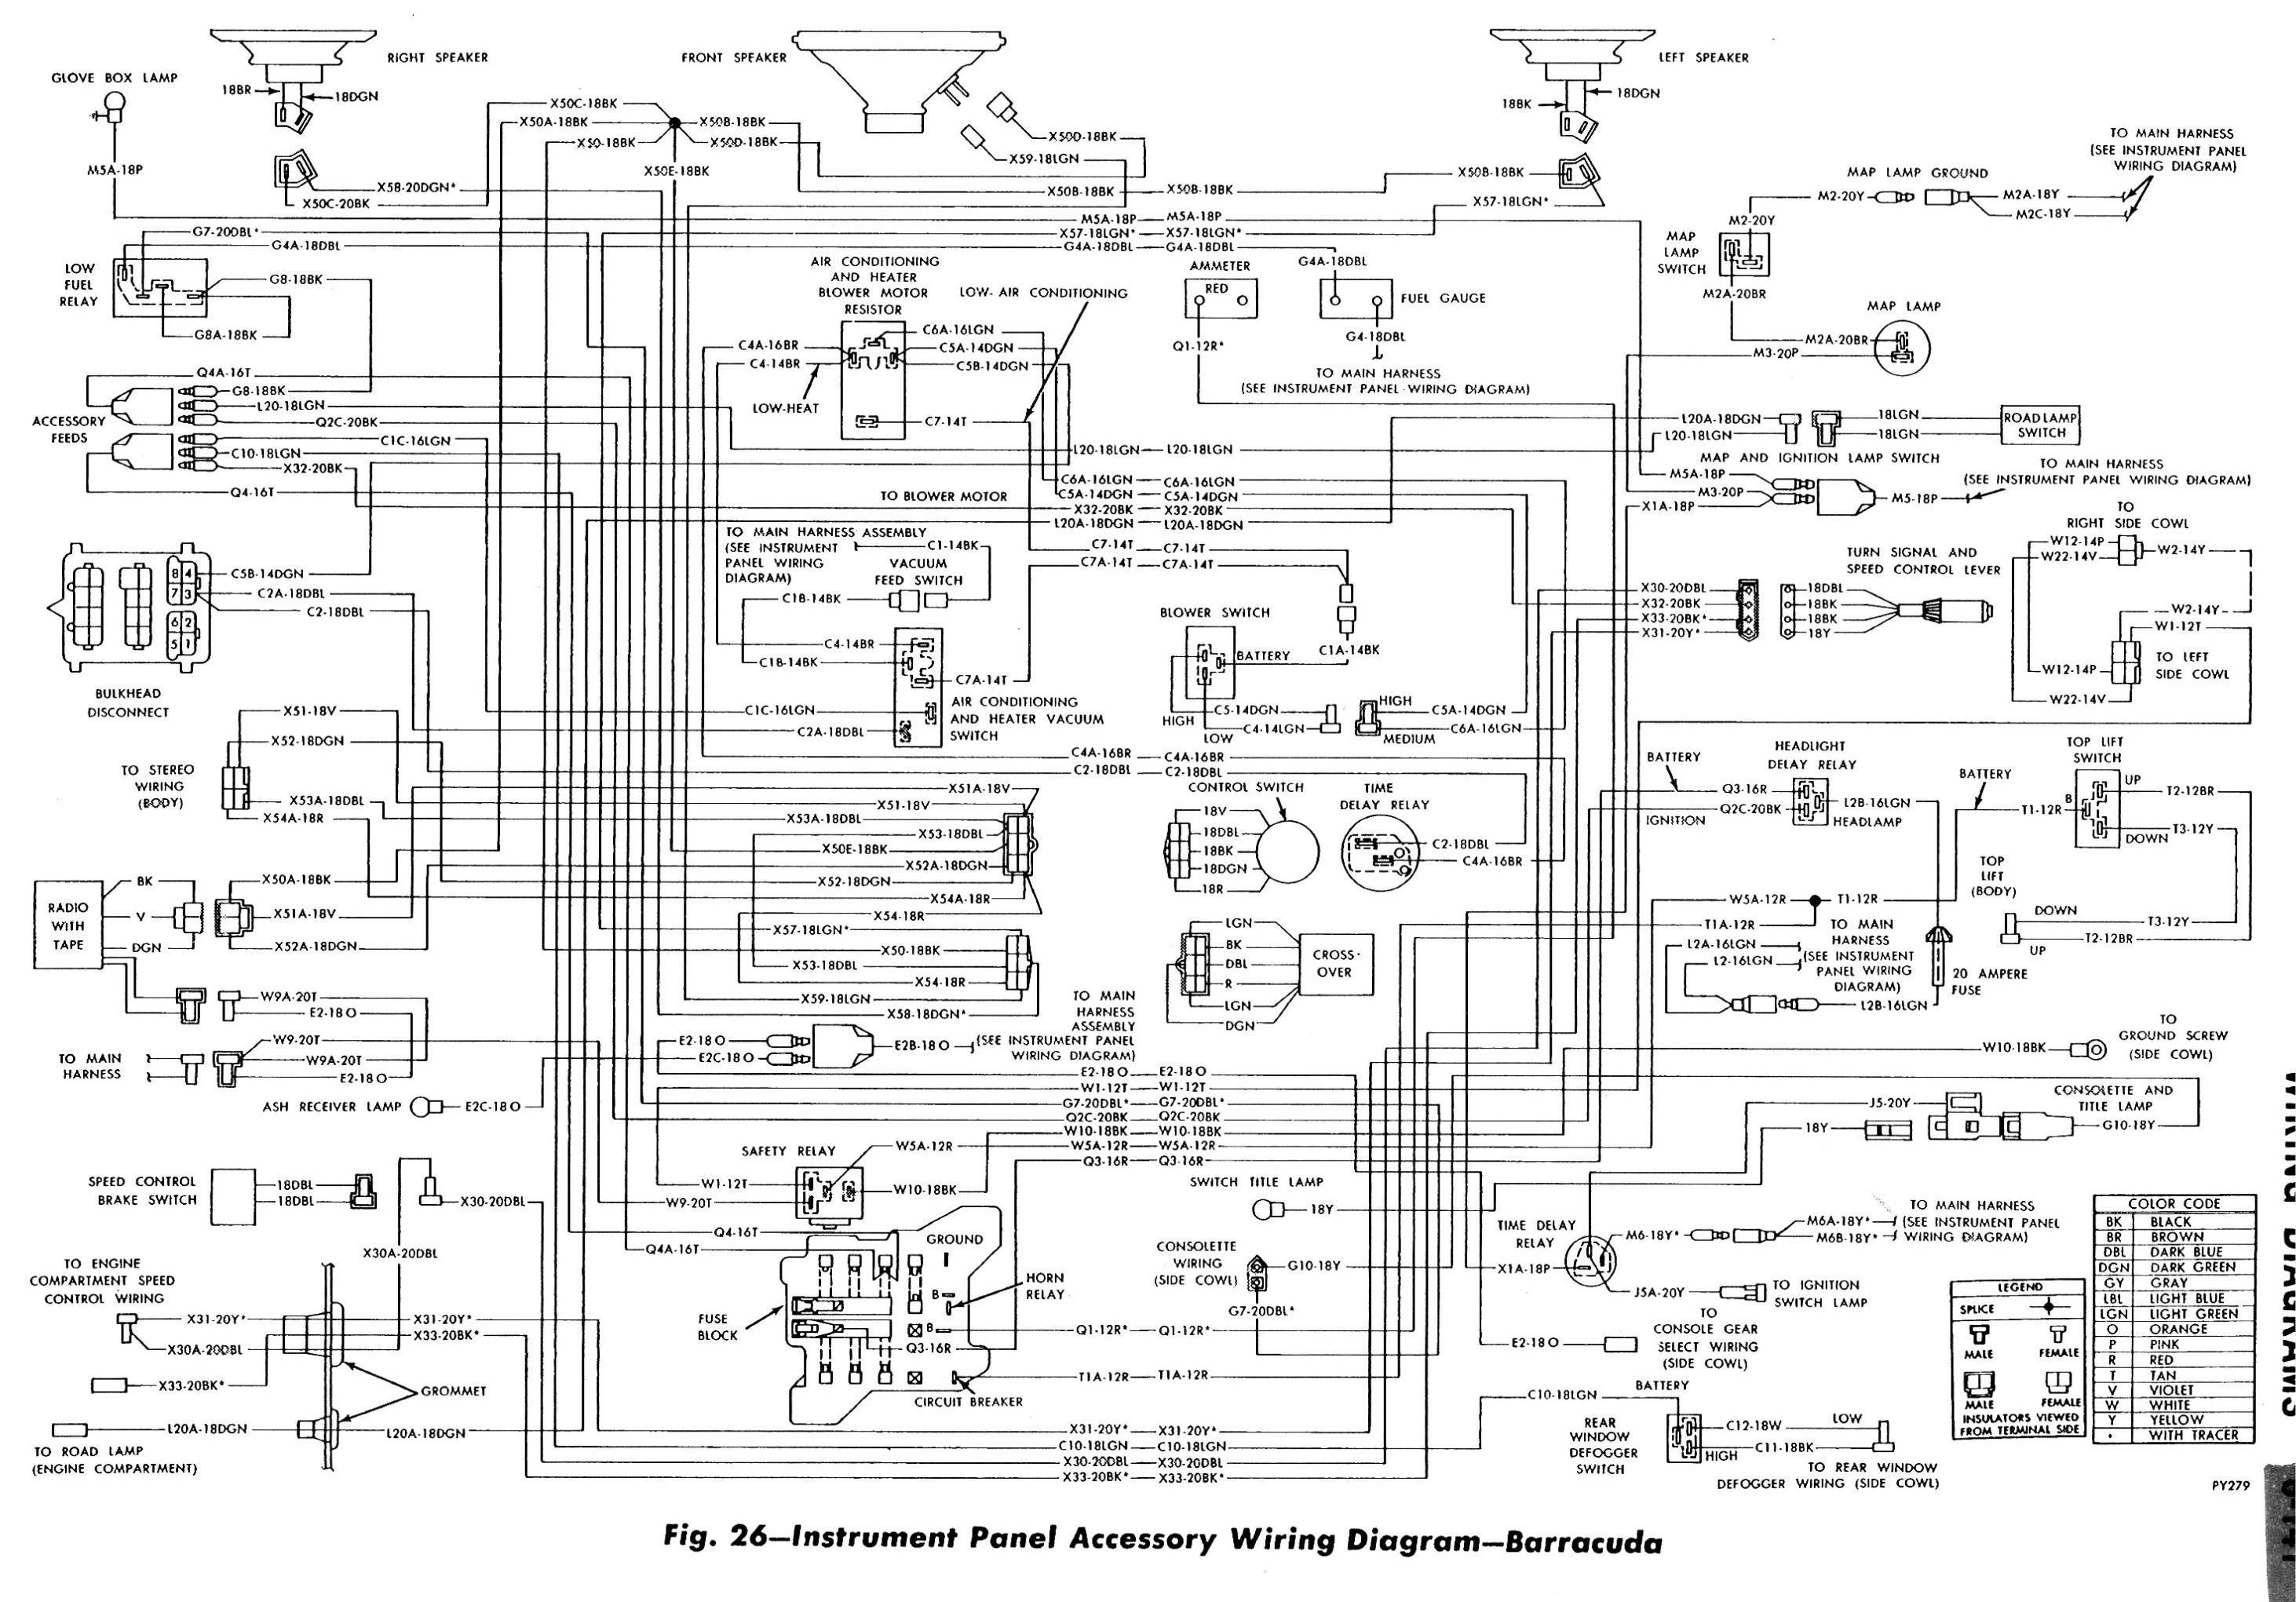 1970 cuda wiring harness wiring diagram rows 1970 gto wiring diagram 1970 plymouth wiring diagram #7